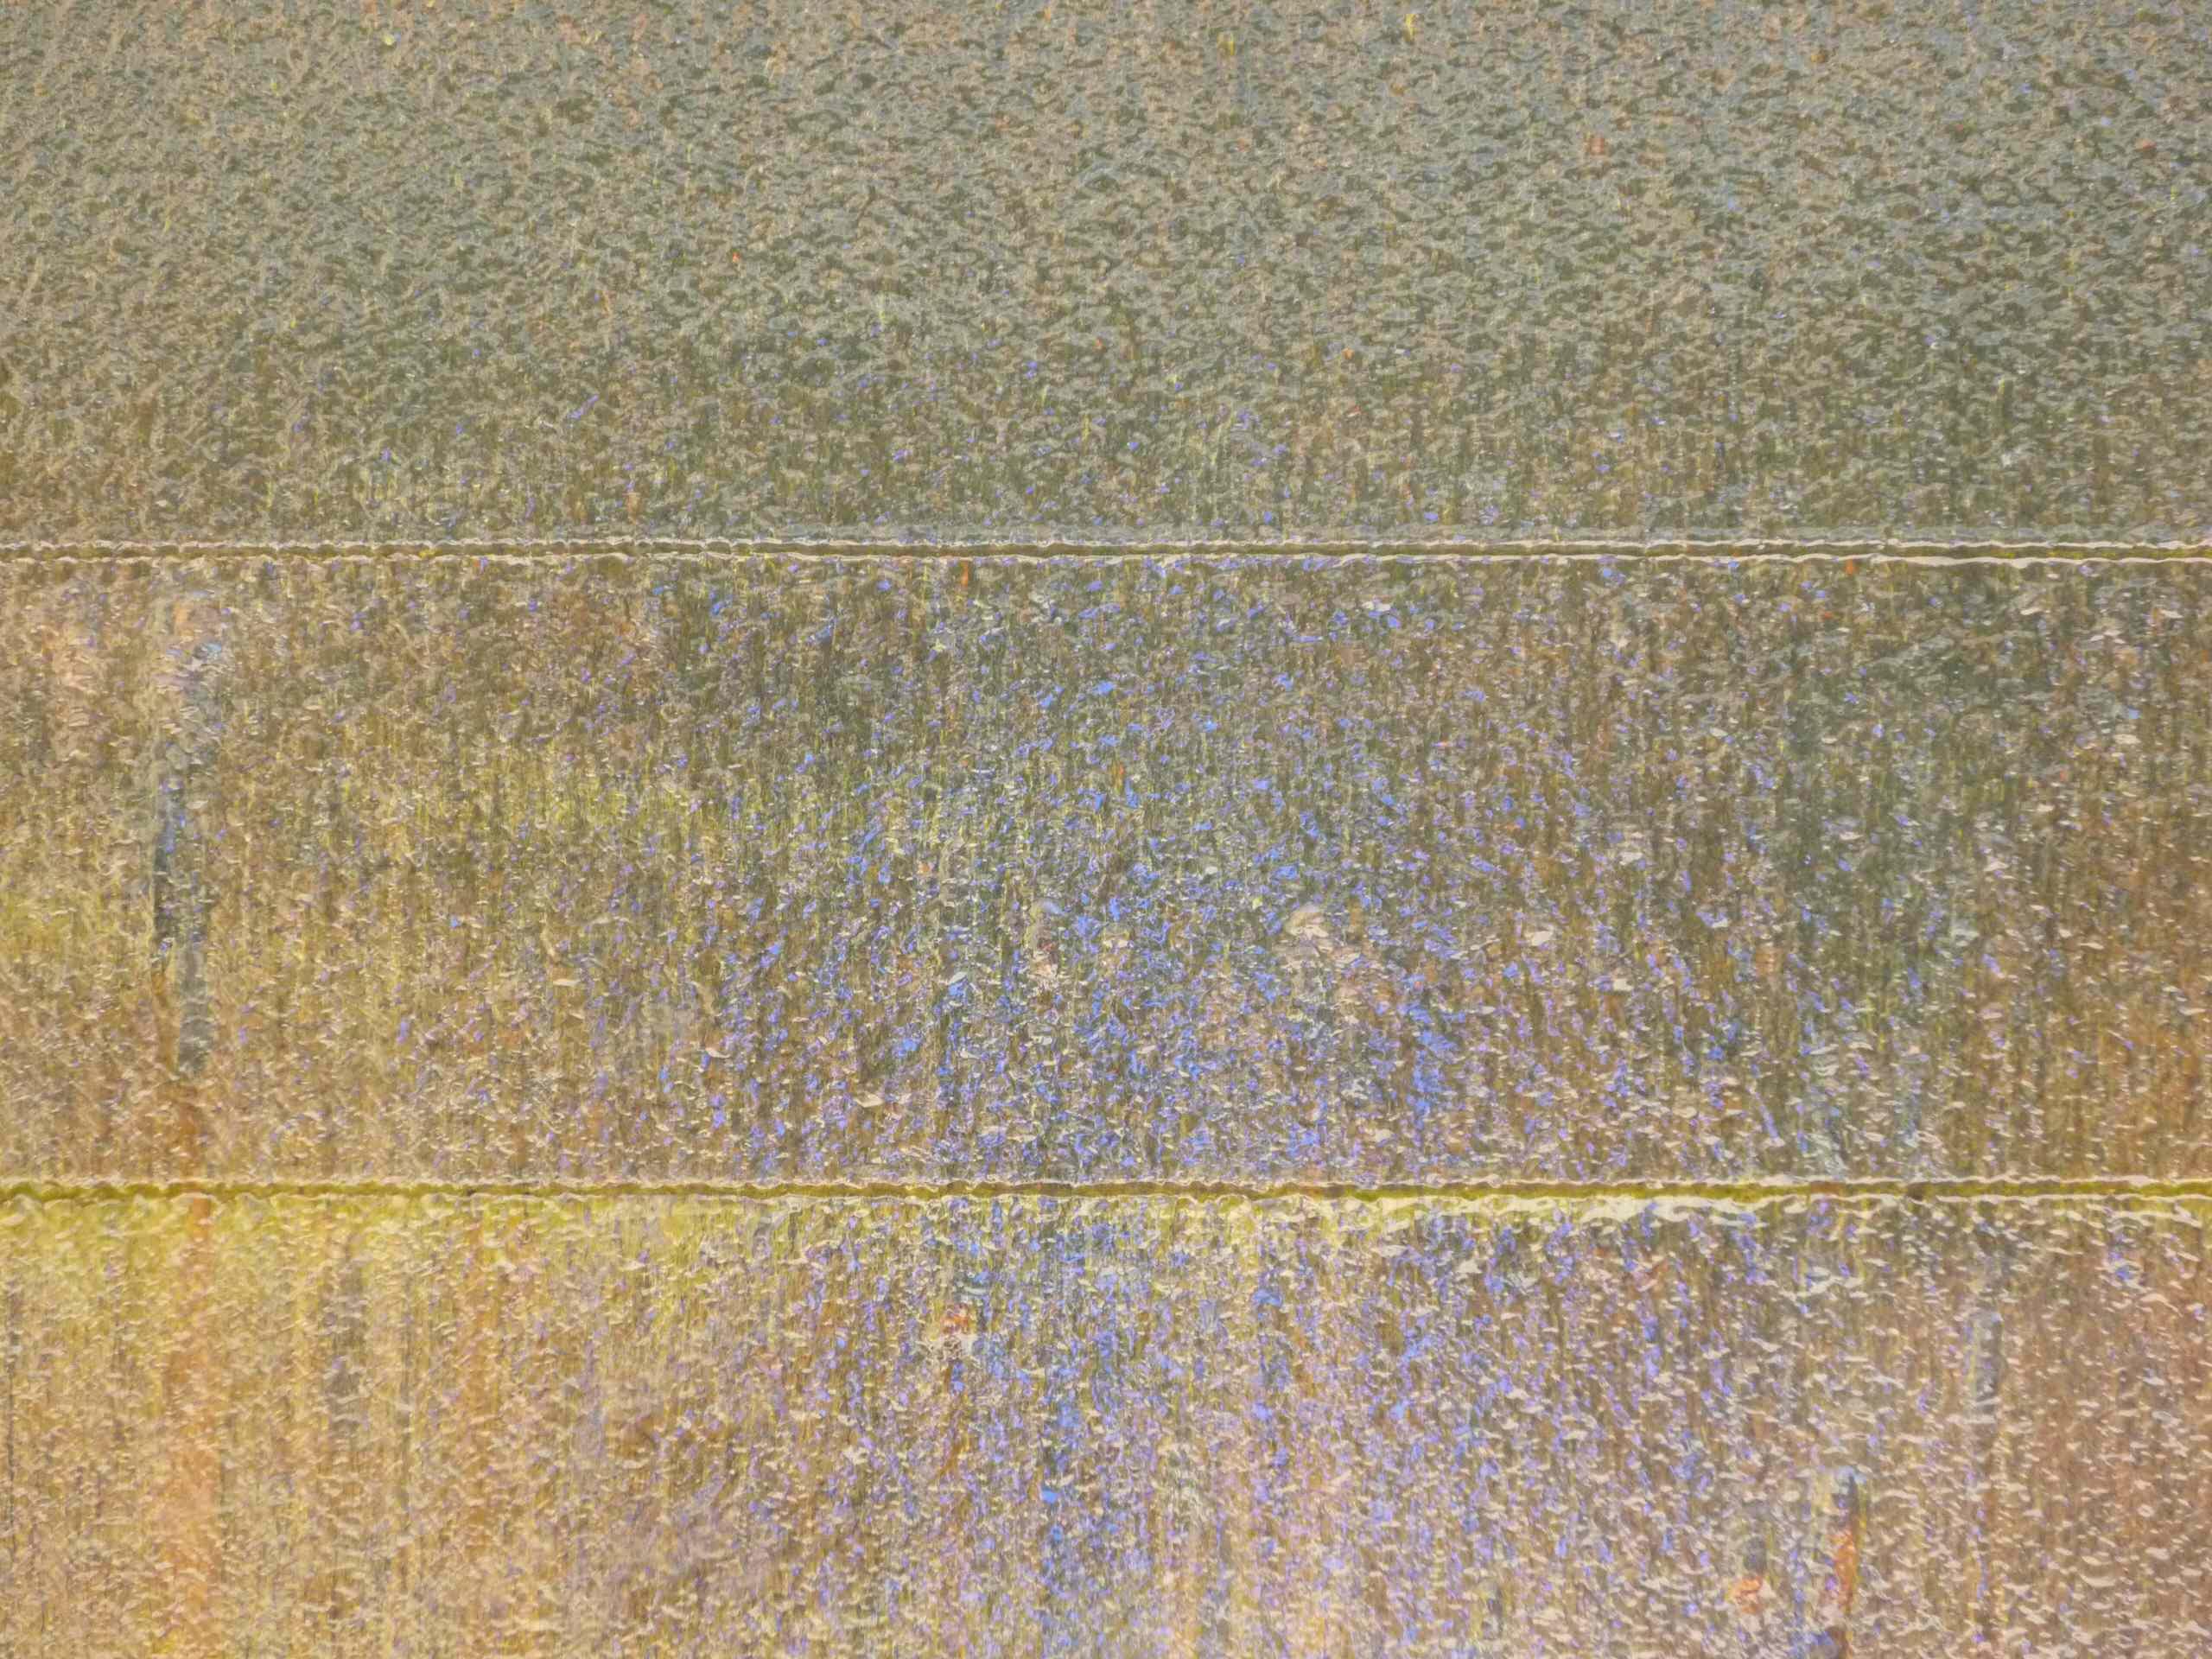 Corten Steel Water Feature Patina - 2 Years